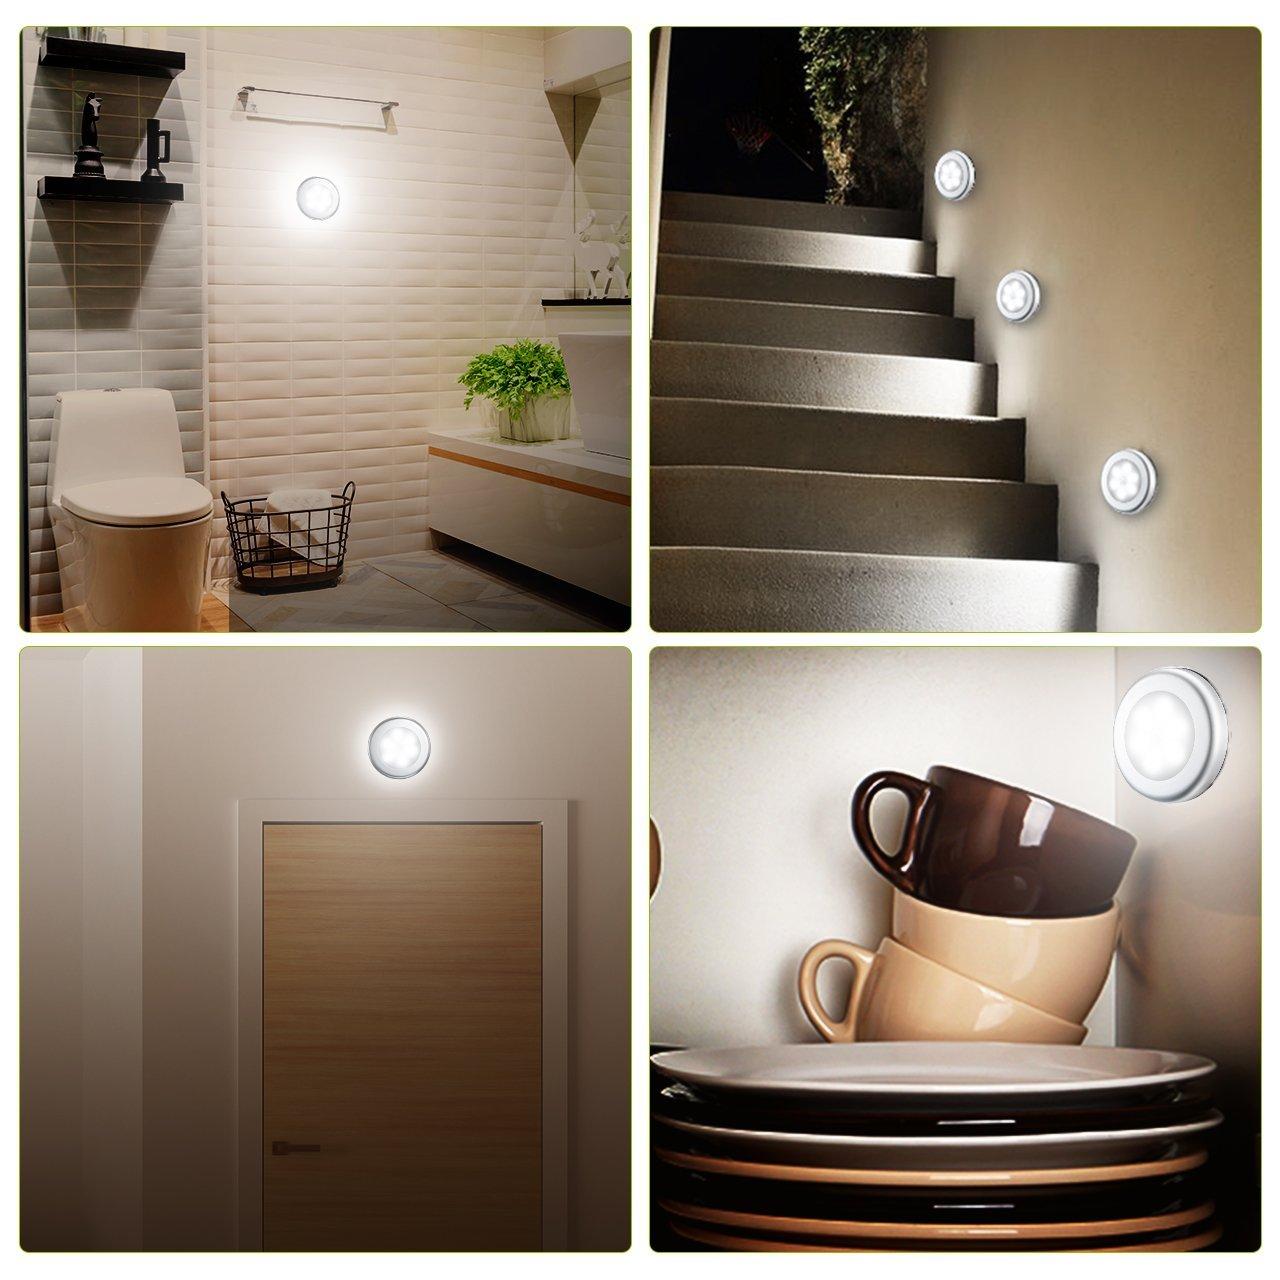 3 lampade LED con sensore di movimento per interni: 13,59 euro